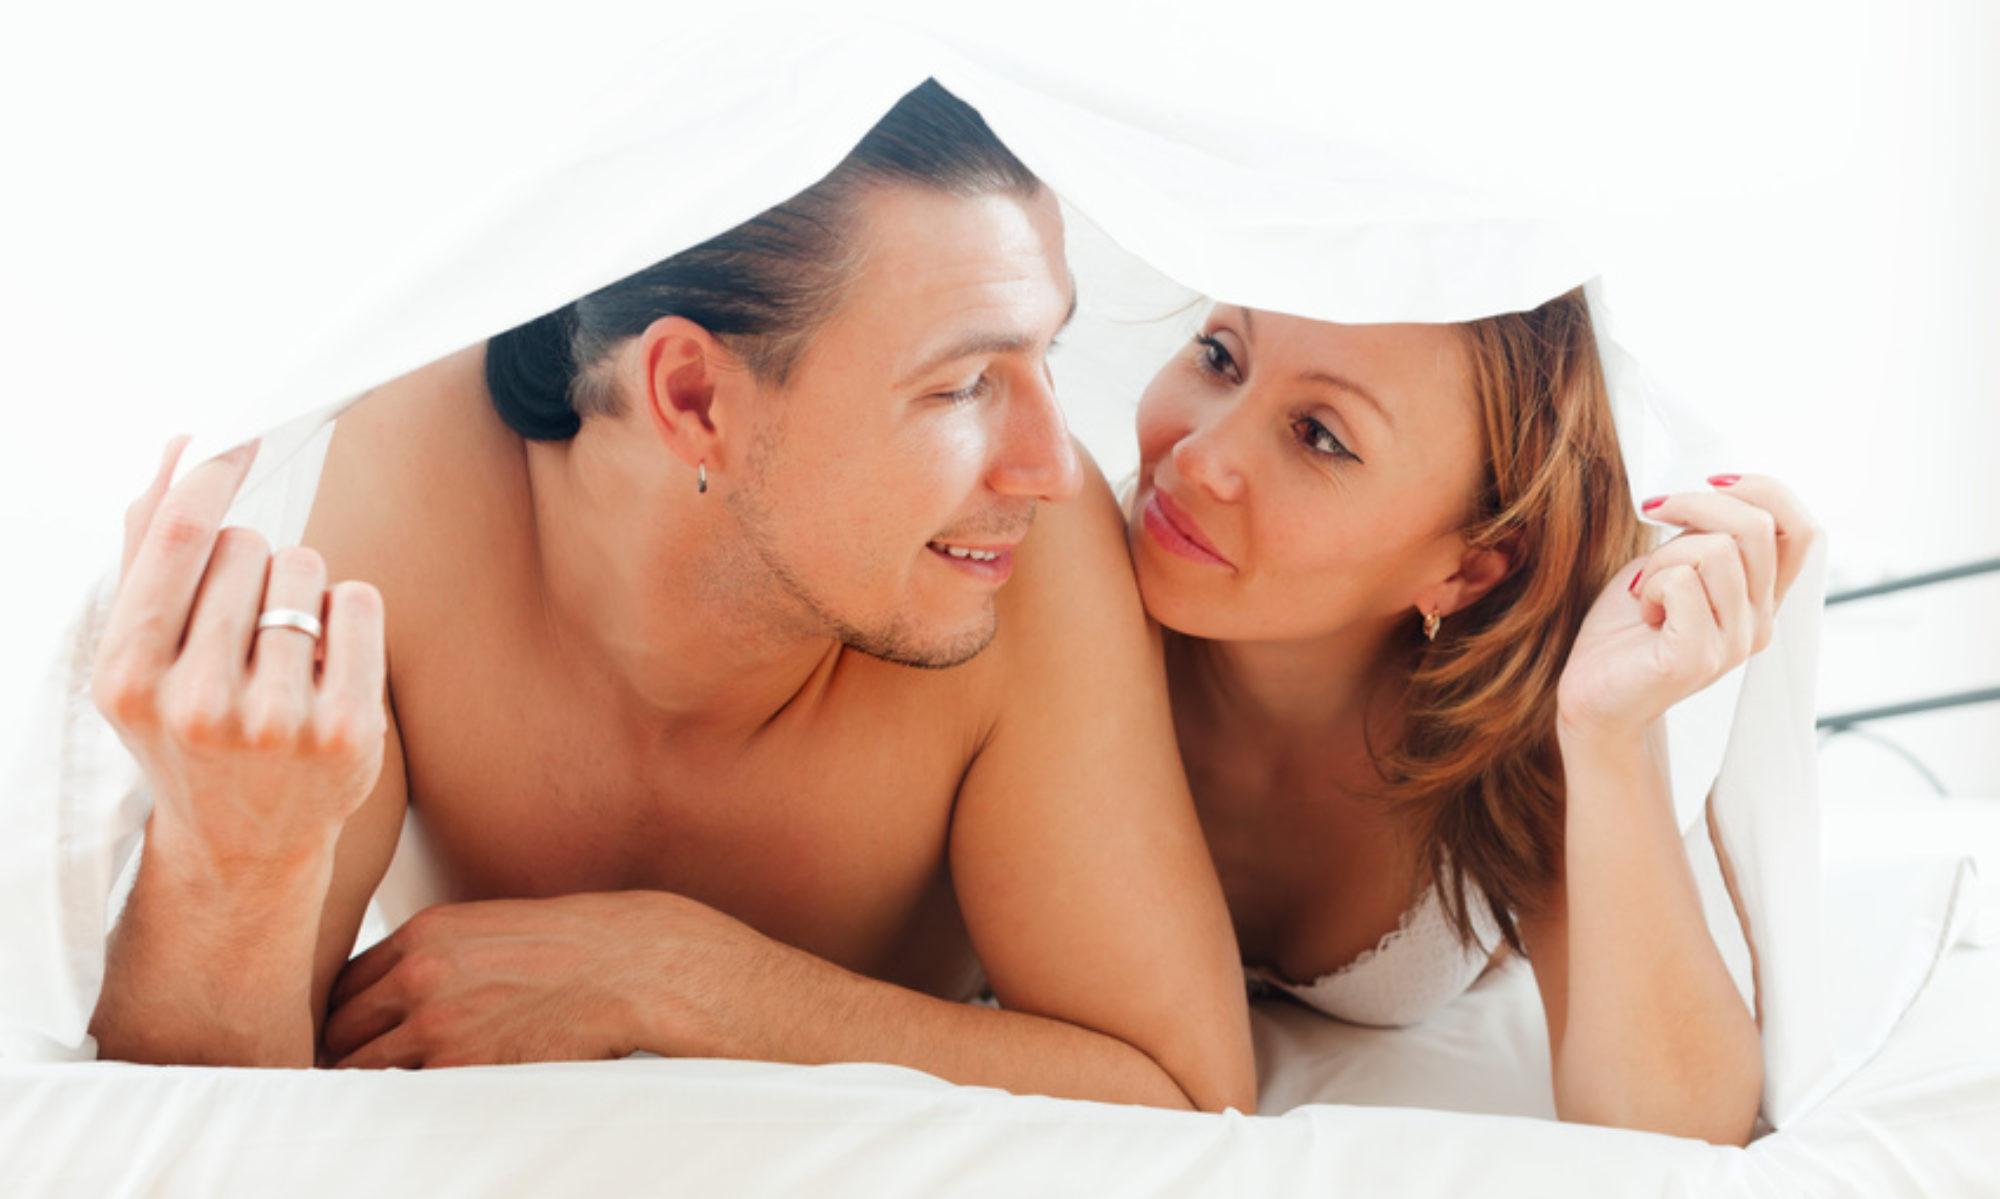 Sextreffinserate